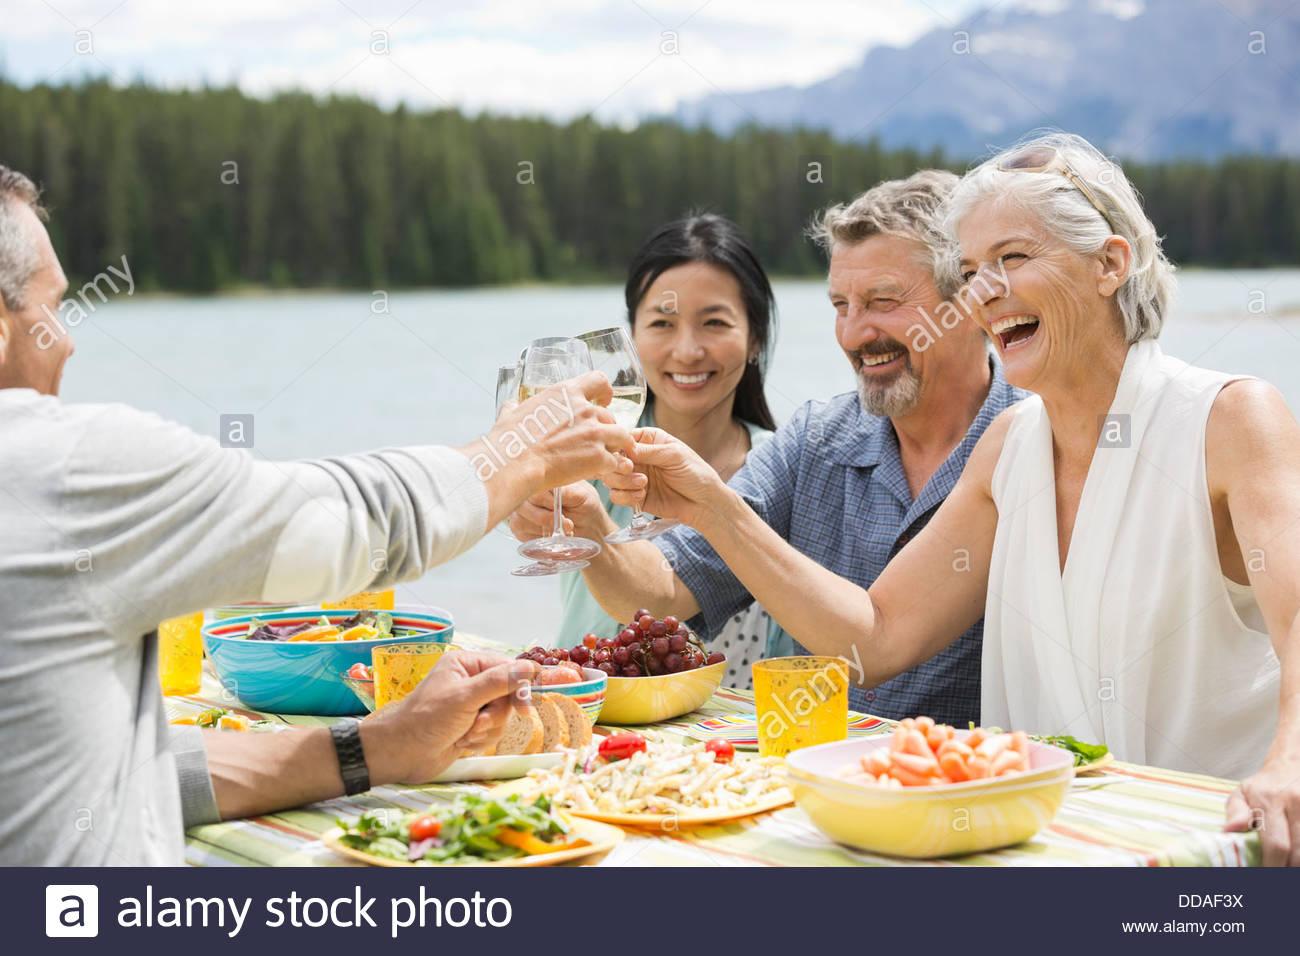 Allegro amici bevande di tostatura a un picnic esterno Immagini Stock